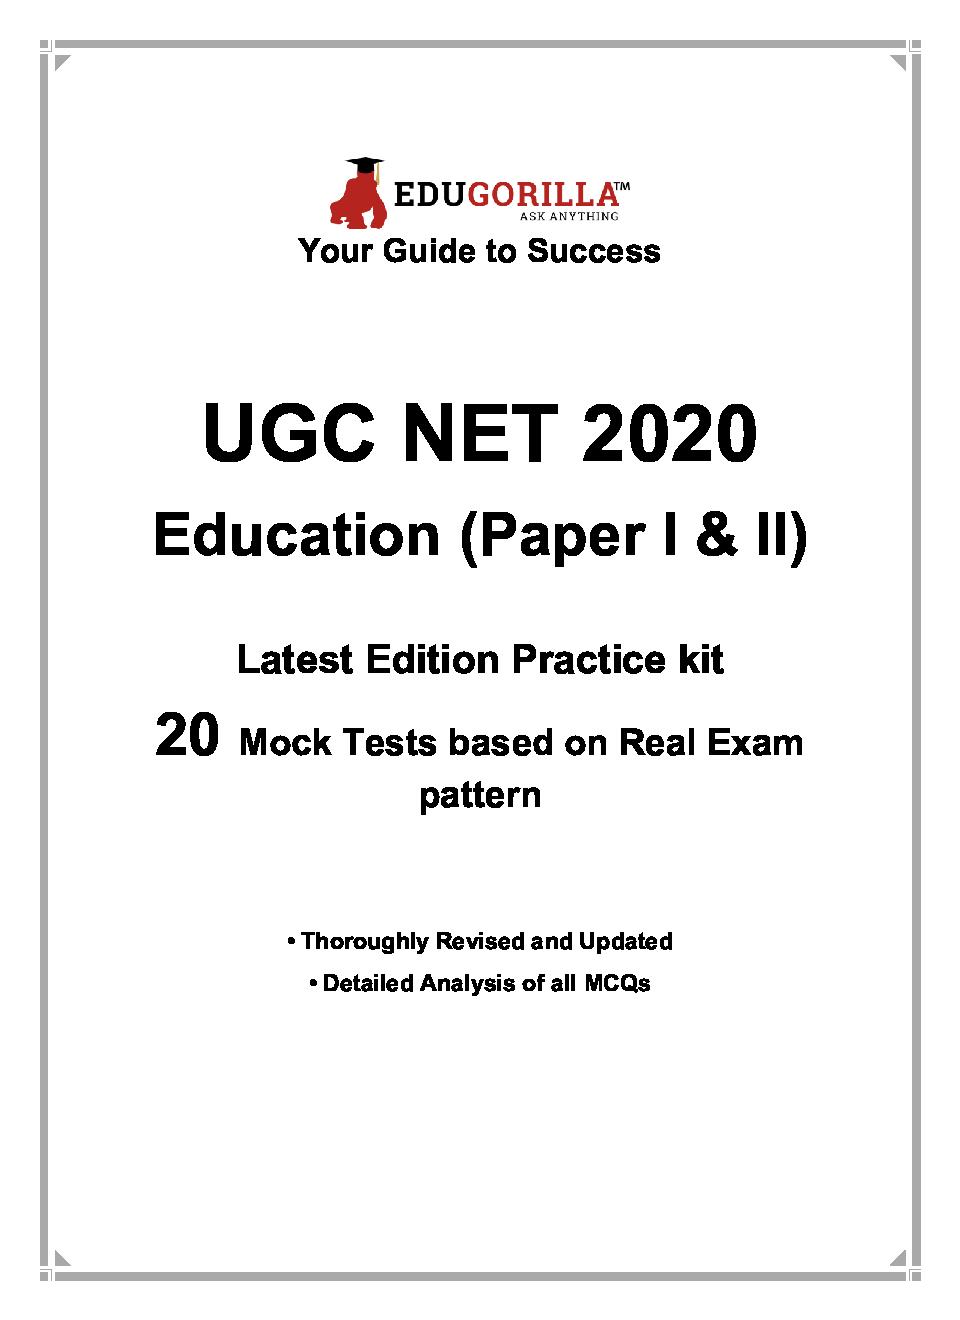 EduGorilla UGC NET Education 2020   20 Full-Length Mock Test For (Paper I & II) - Page 3